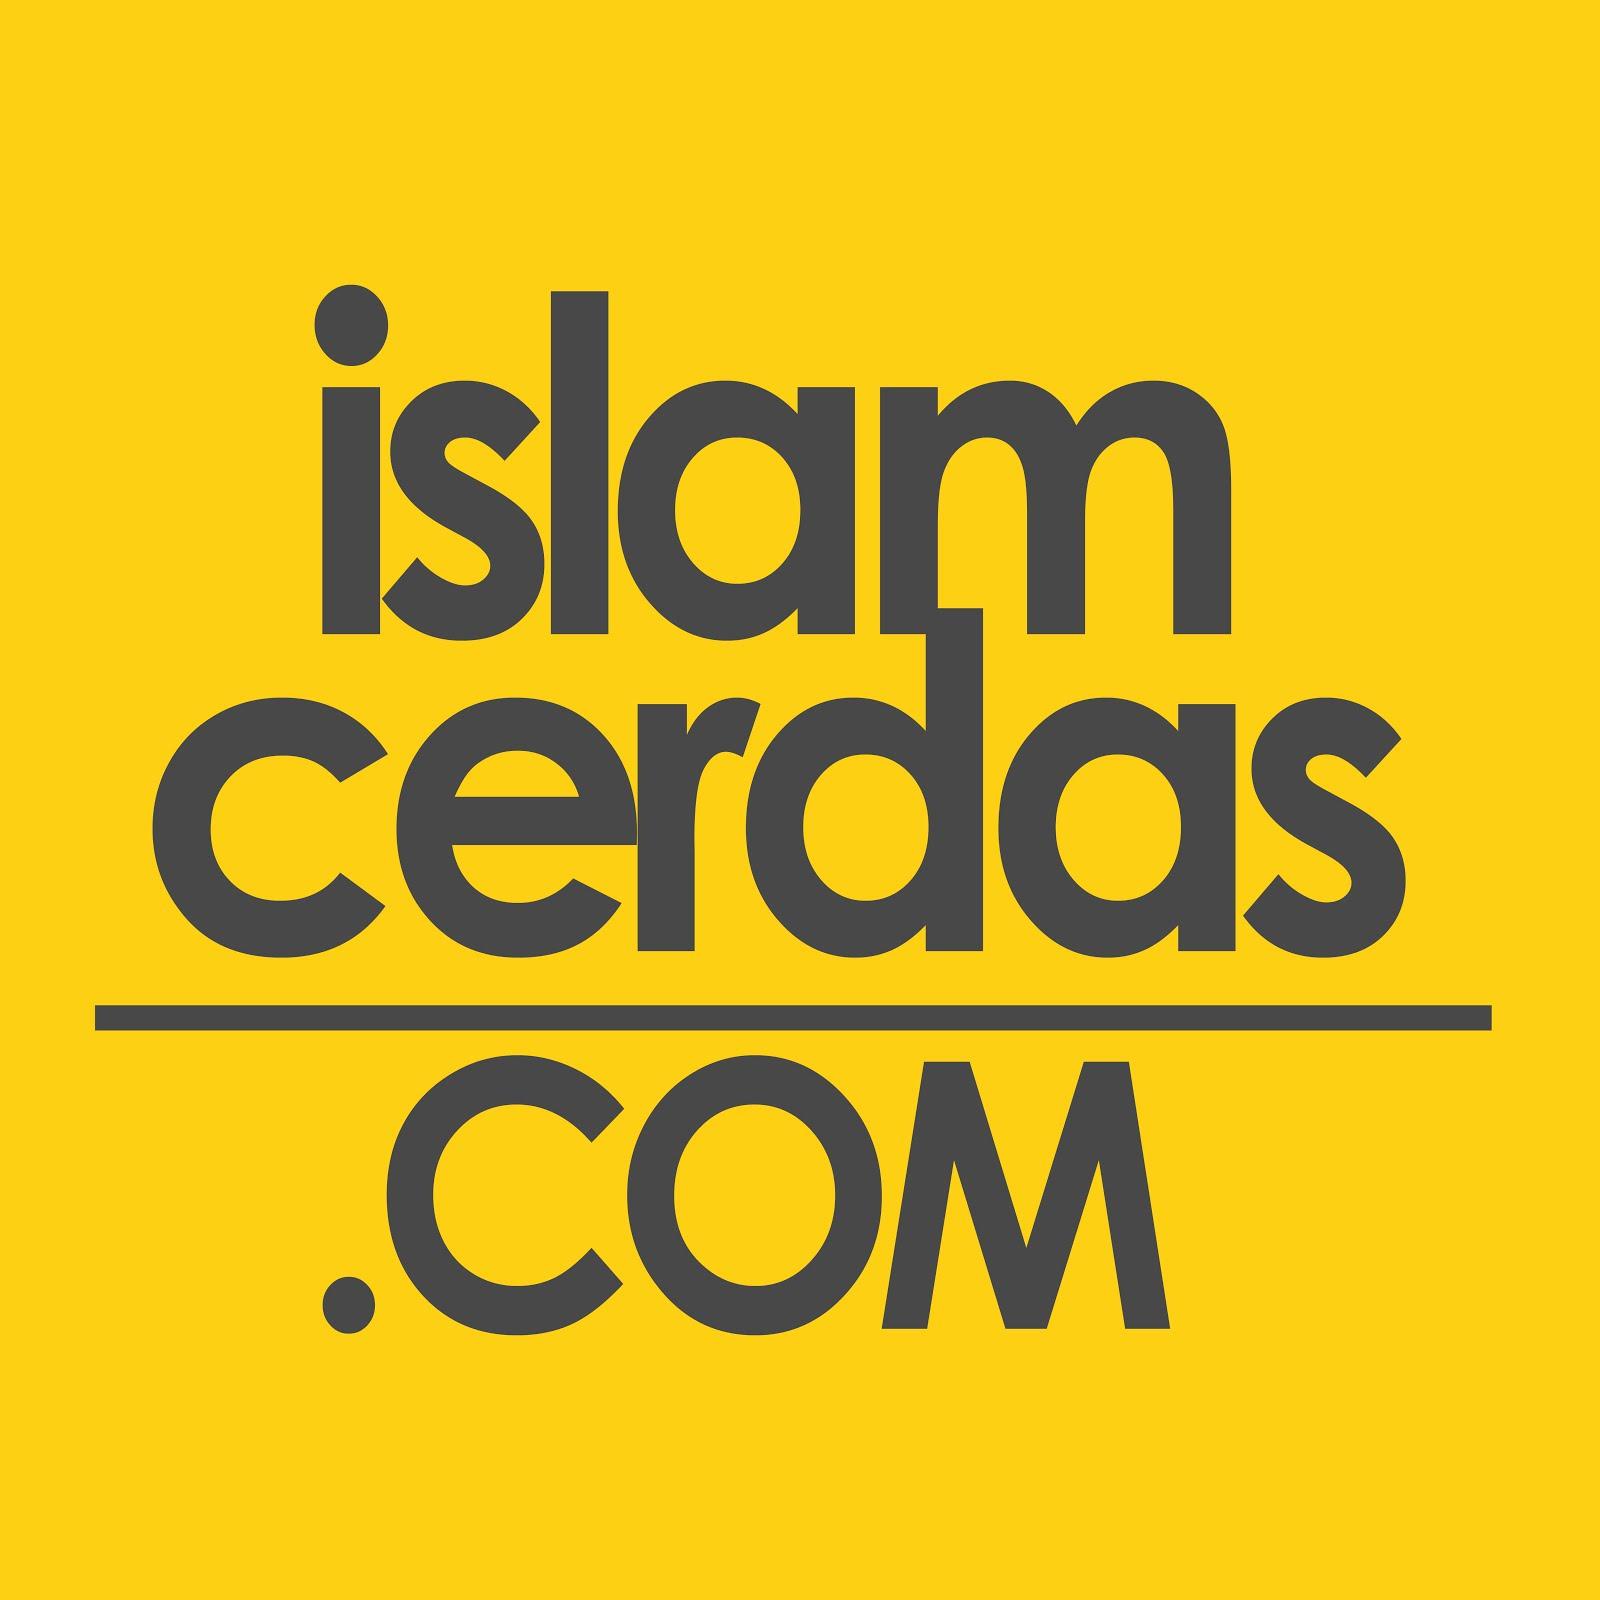 Islam Cerdas [dot] com